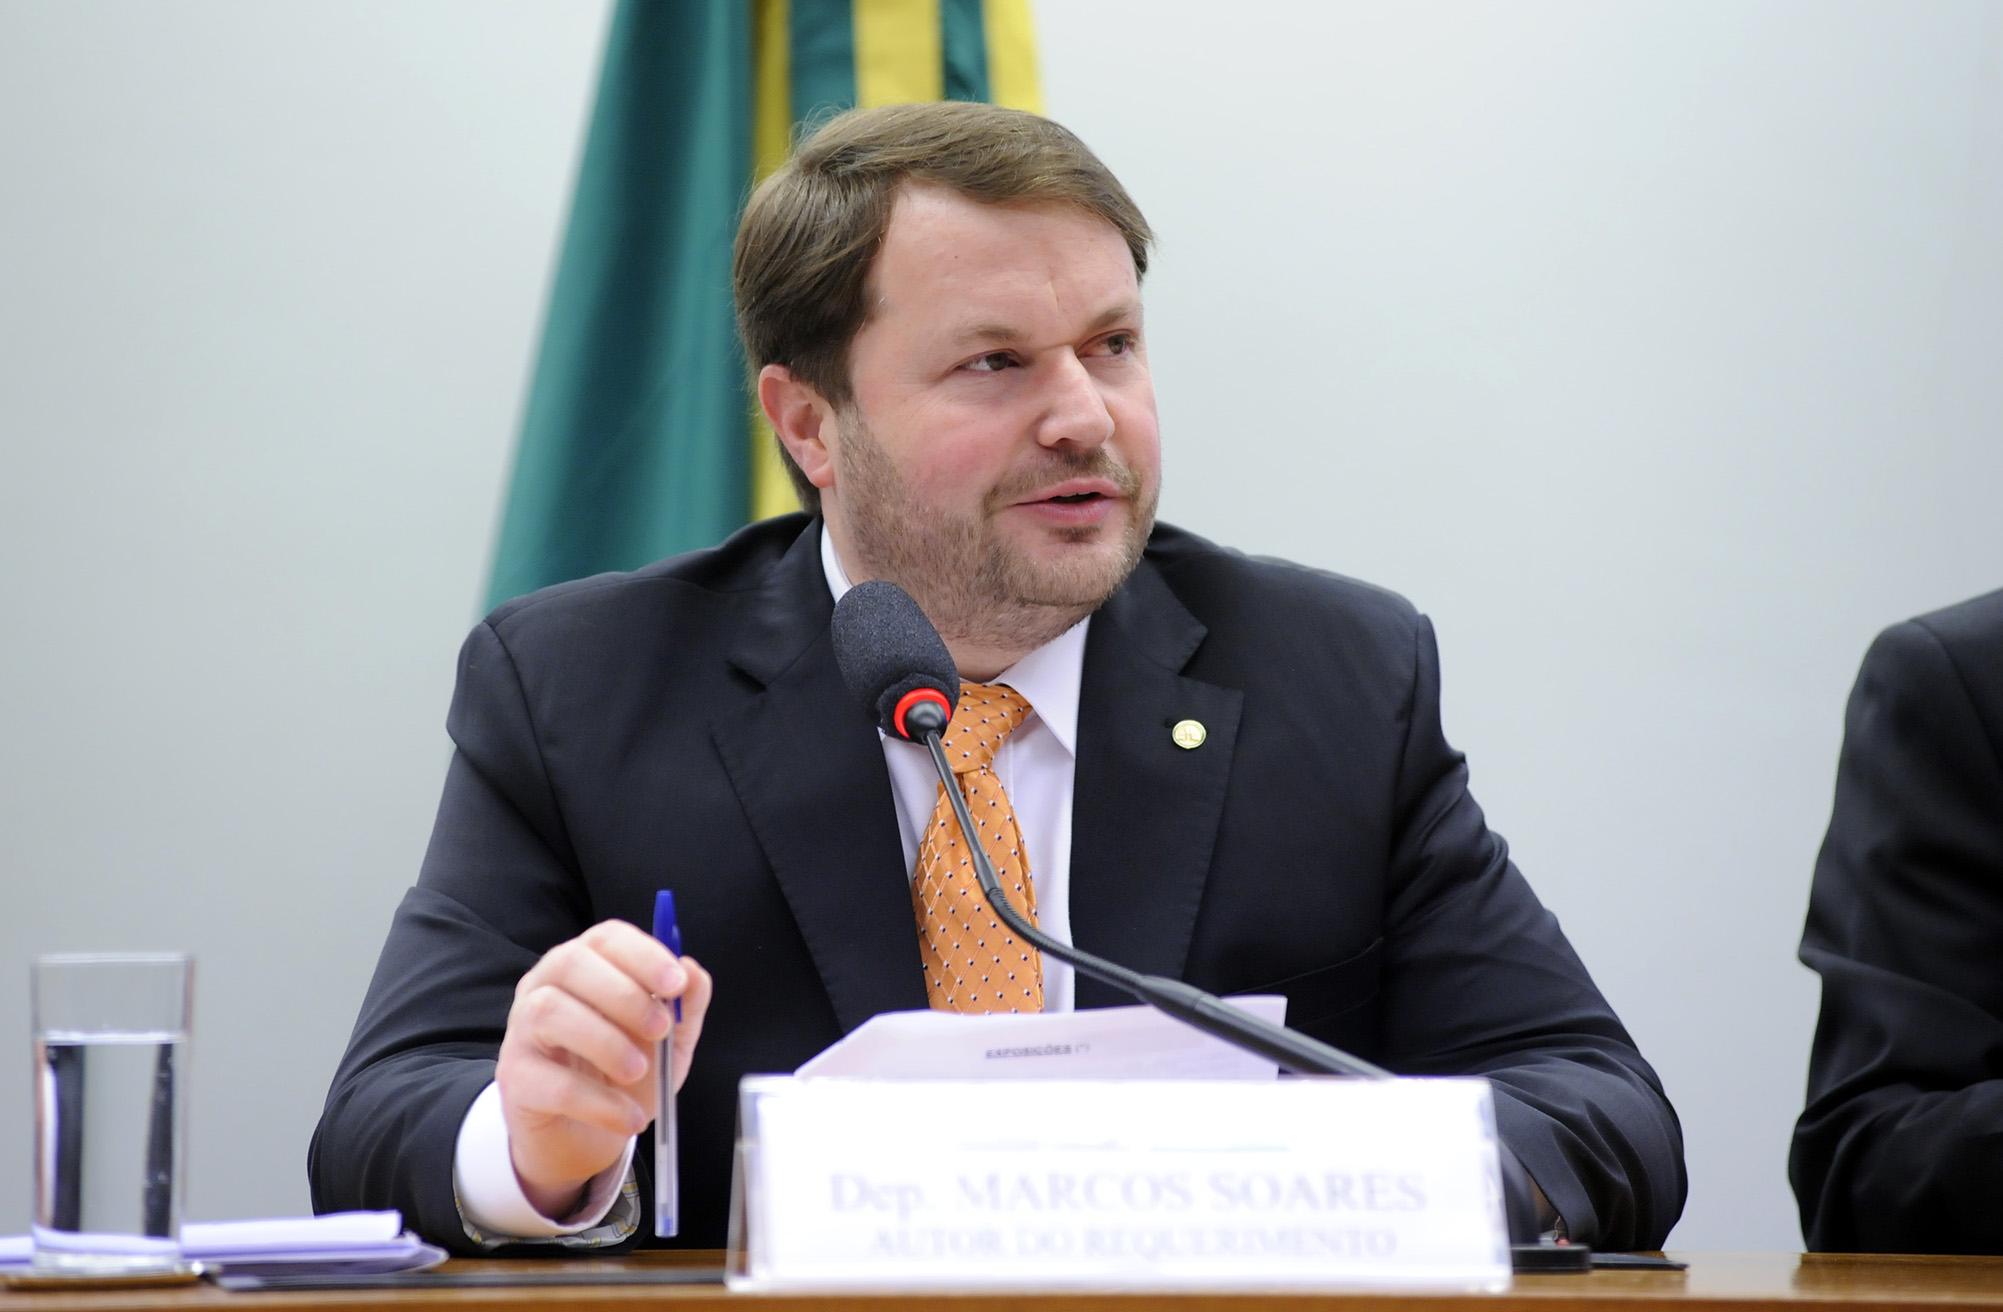 O ex-deputado federal Marcos Soares (DEM-RJ), filho do pastor R. R Soares, está entre os nomes avaliados para ocupar o cargo. Foto: Lúcio Bernardo Jr./Câmara dos Deputados